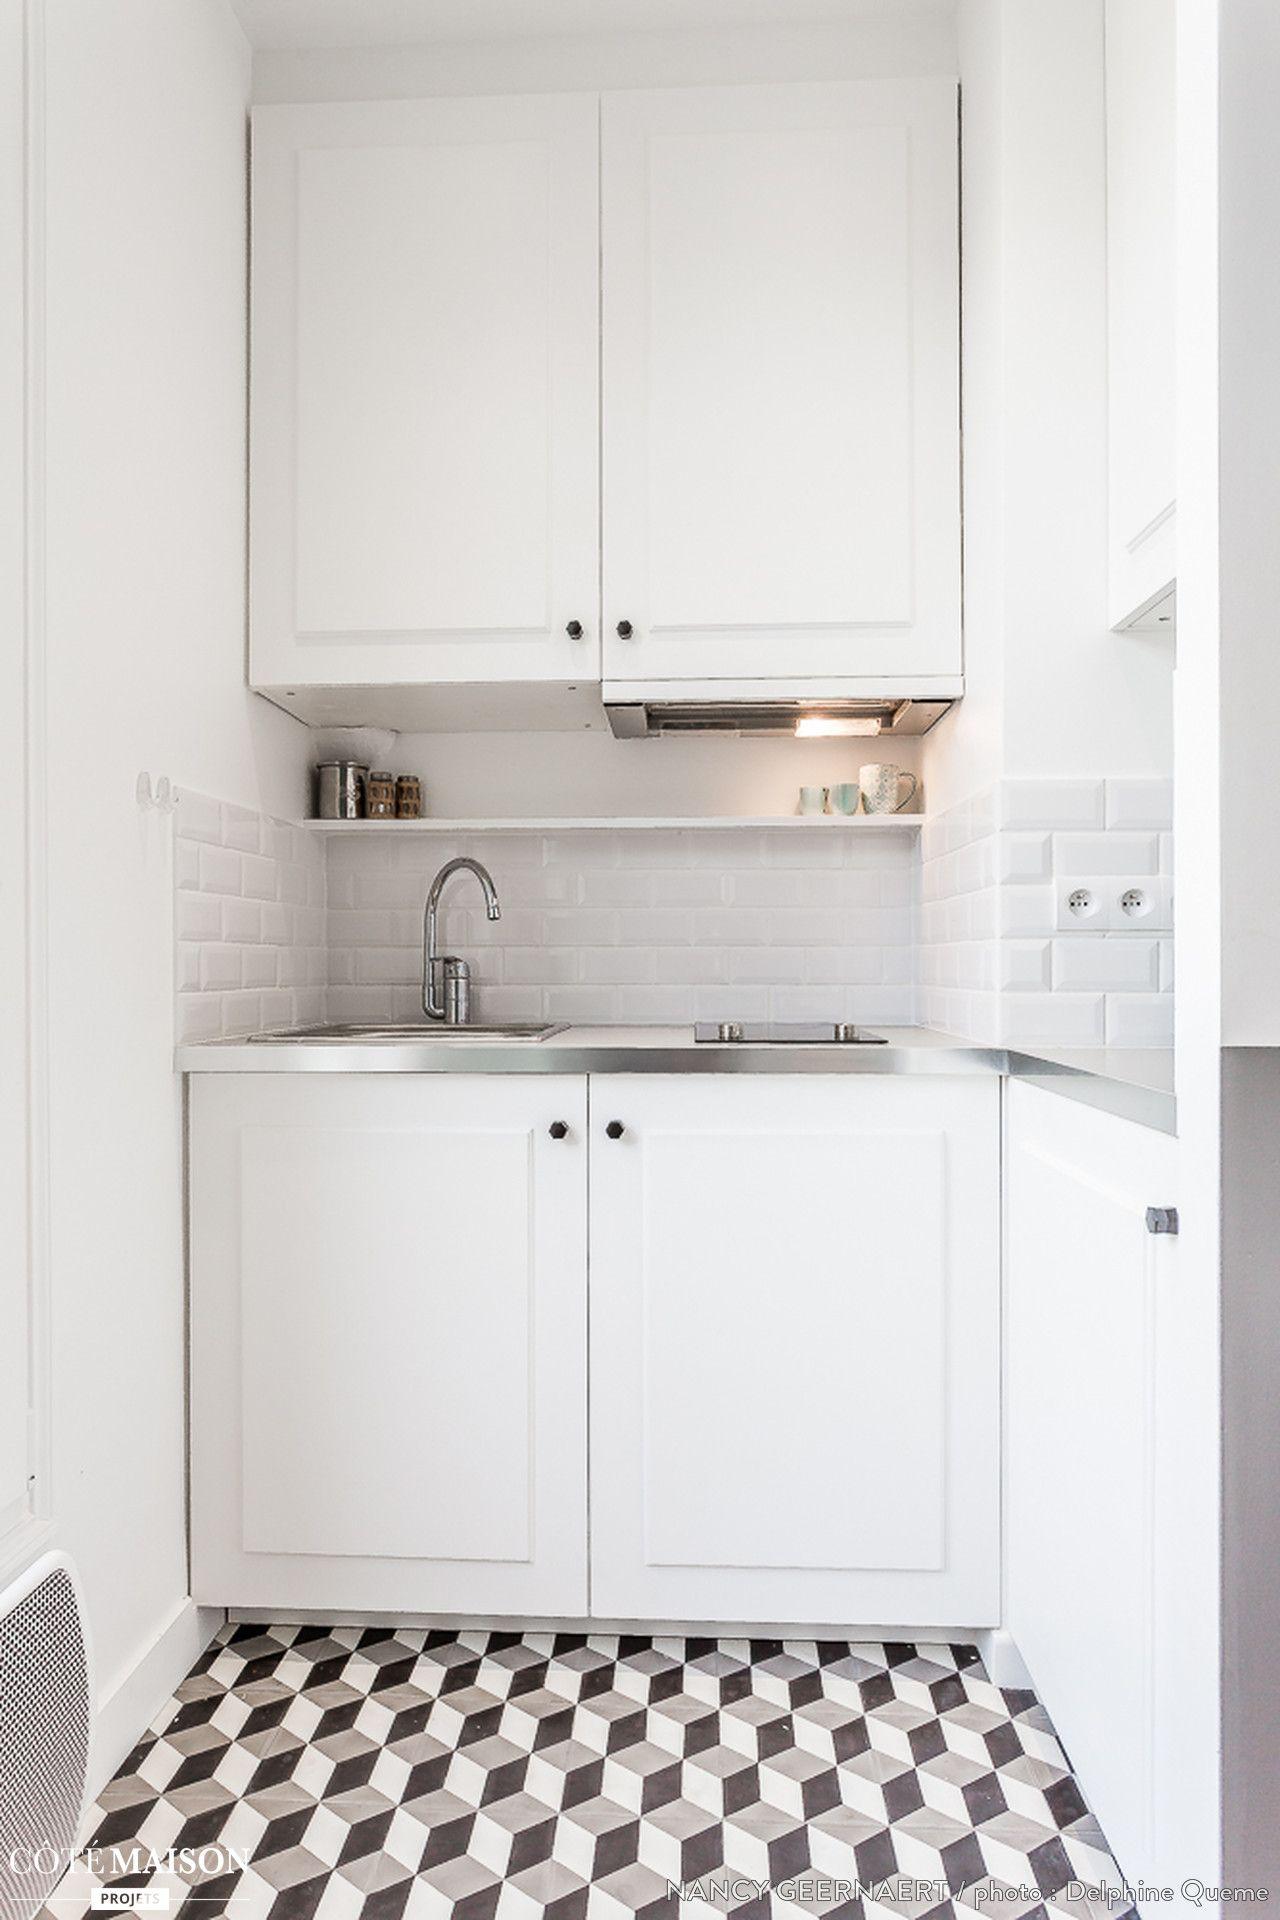 petite cuisine blanche avec sol noir et blanc en carreaux de ciment